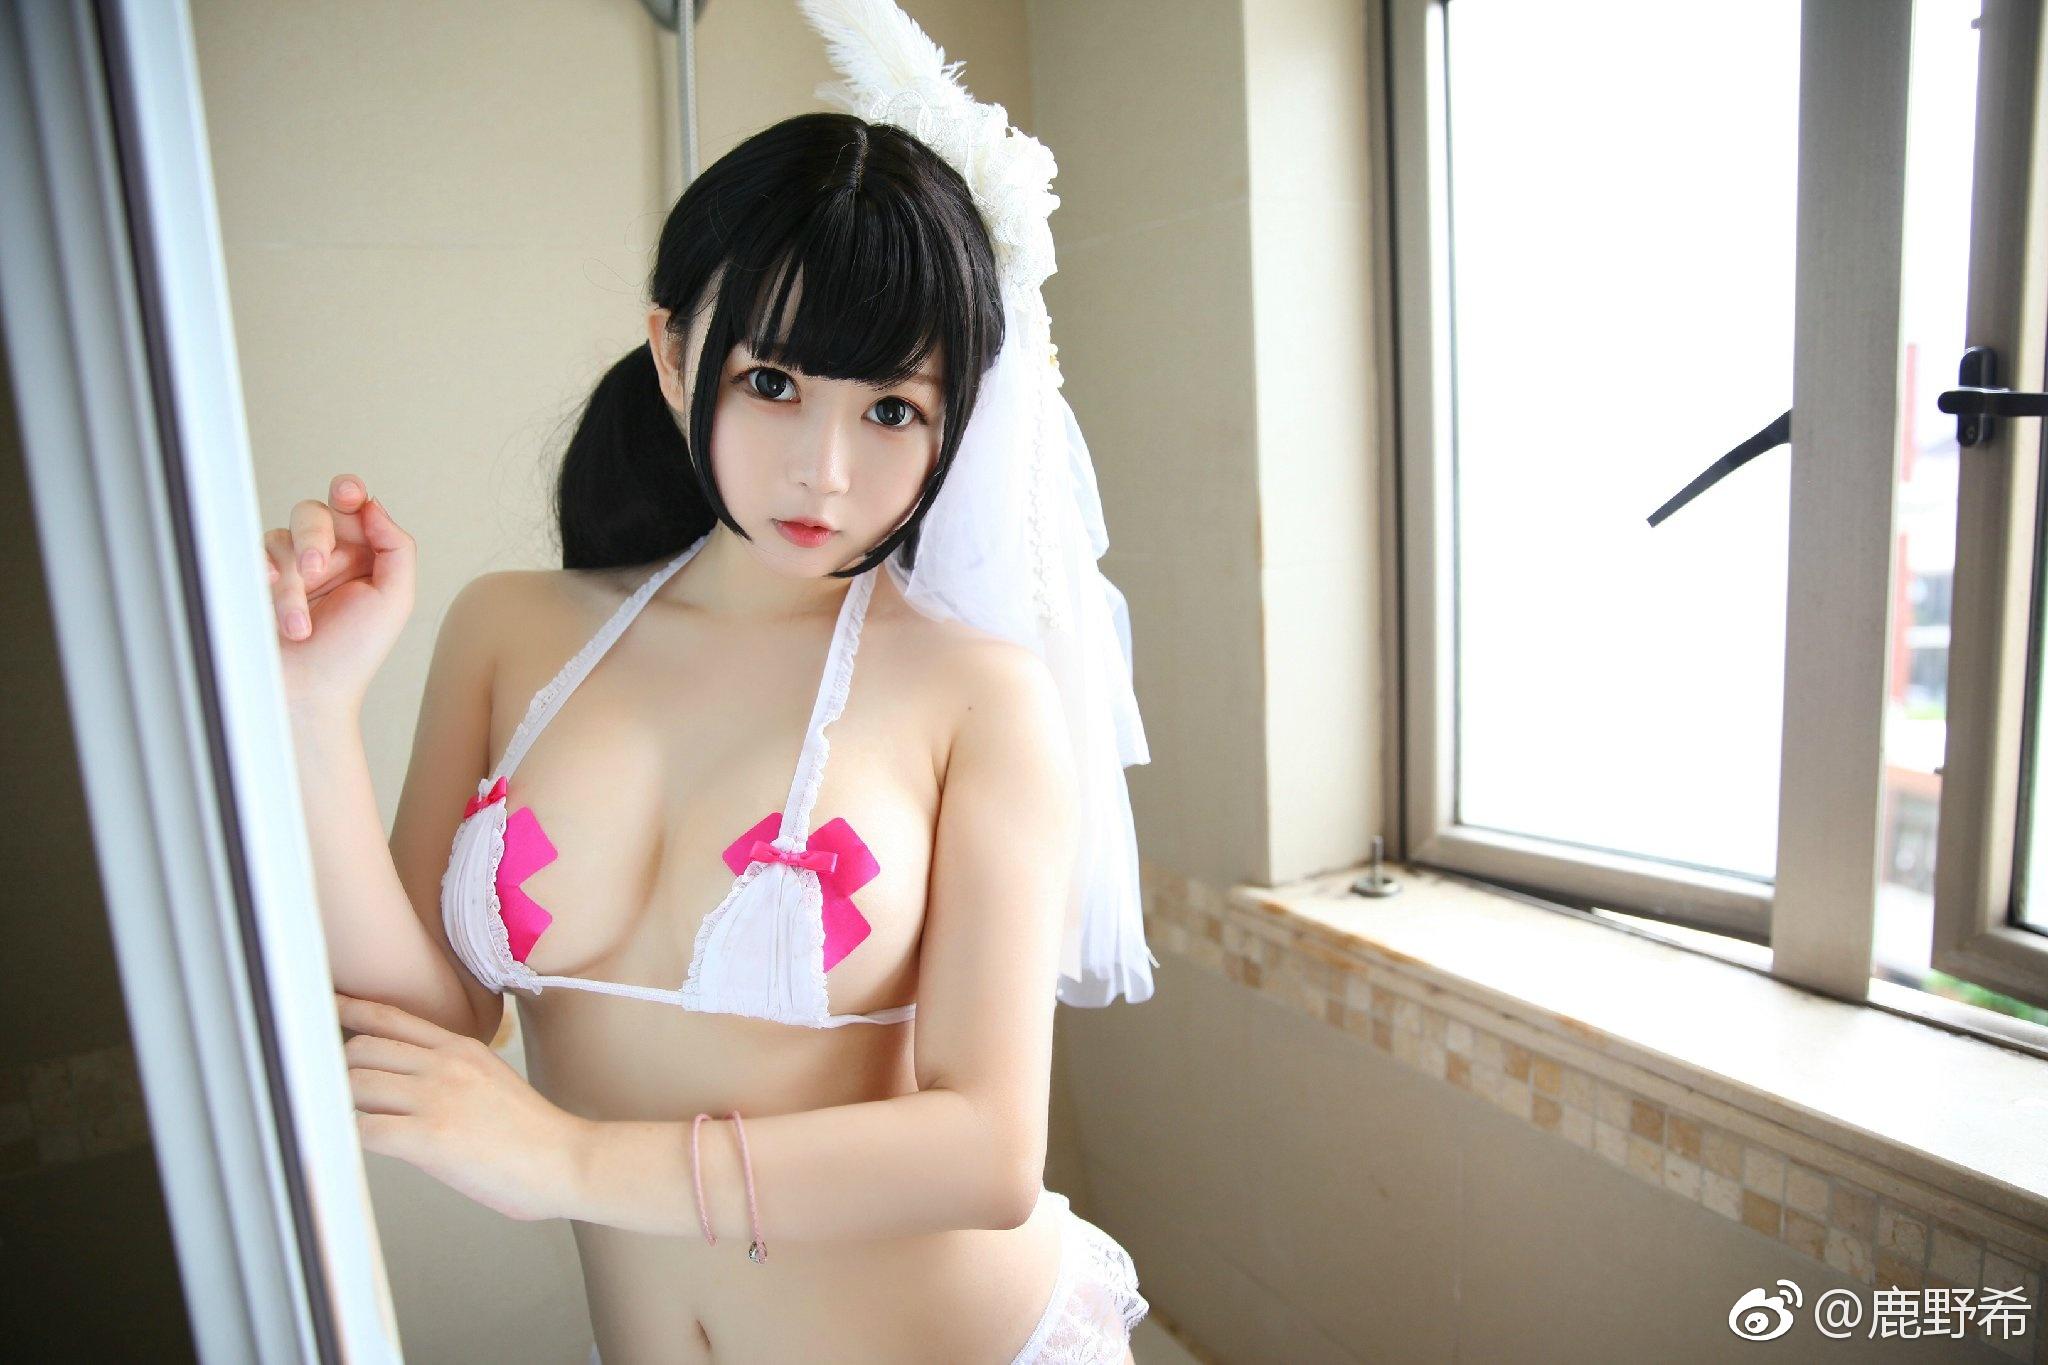 鹿野希  8月5号从本条微博转发抽取三位送双人写_美女福利图片